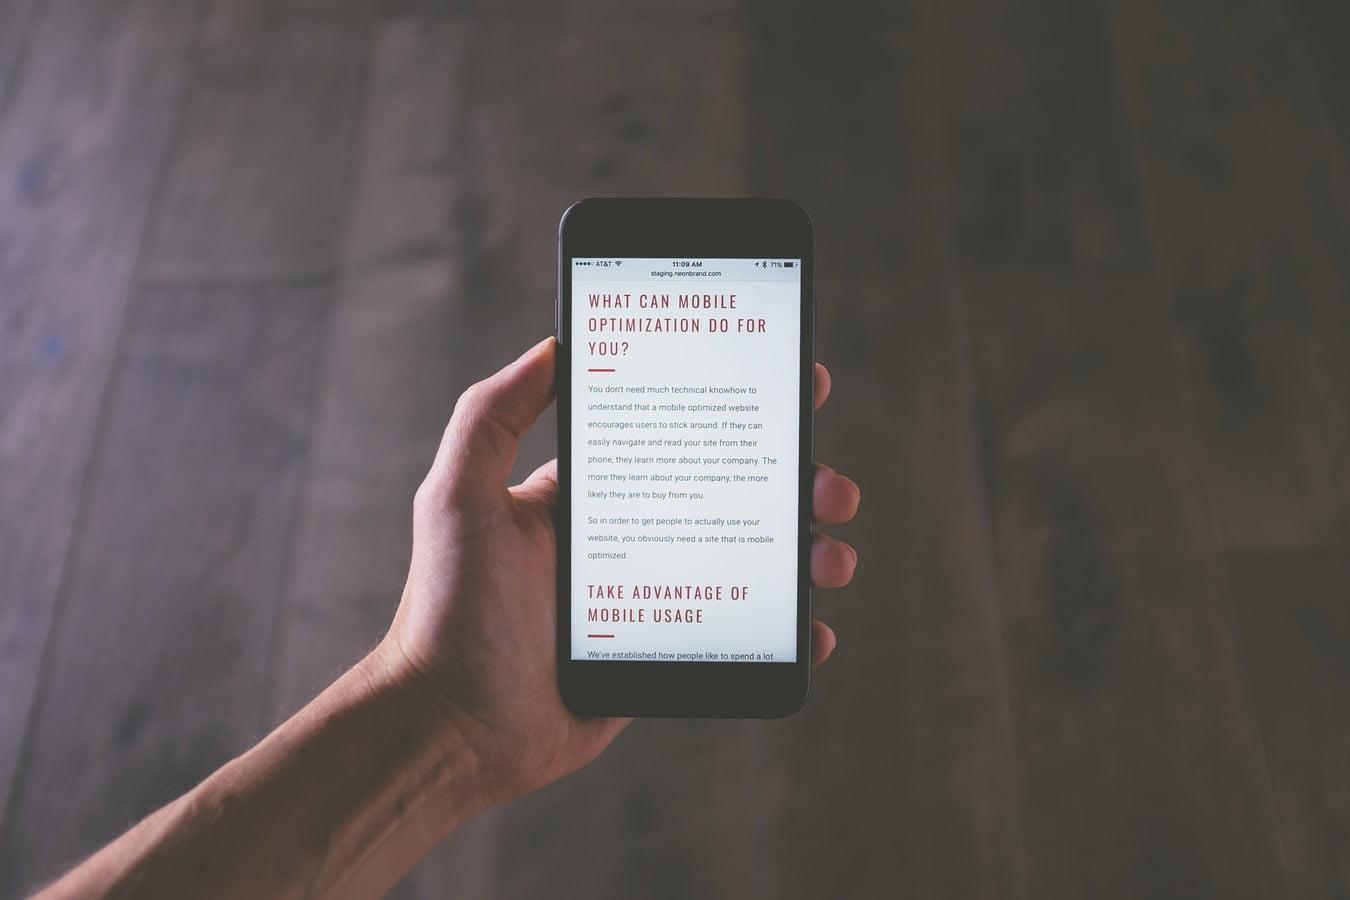 Плюсы и минусы мобильной версии сайта